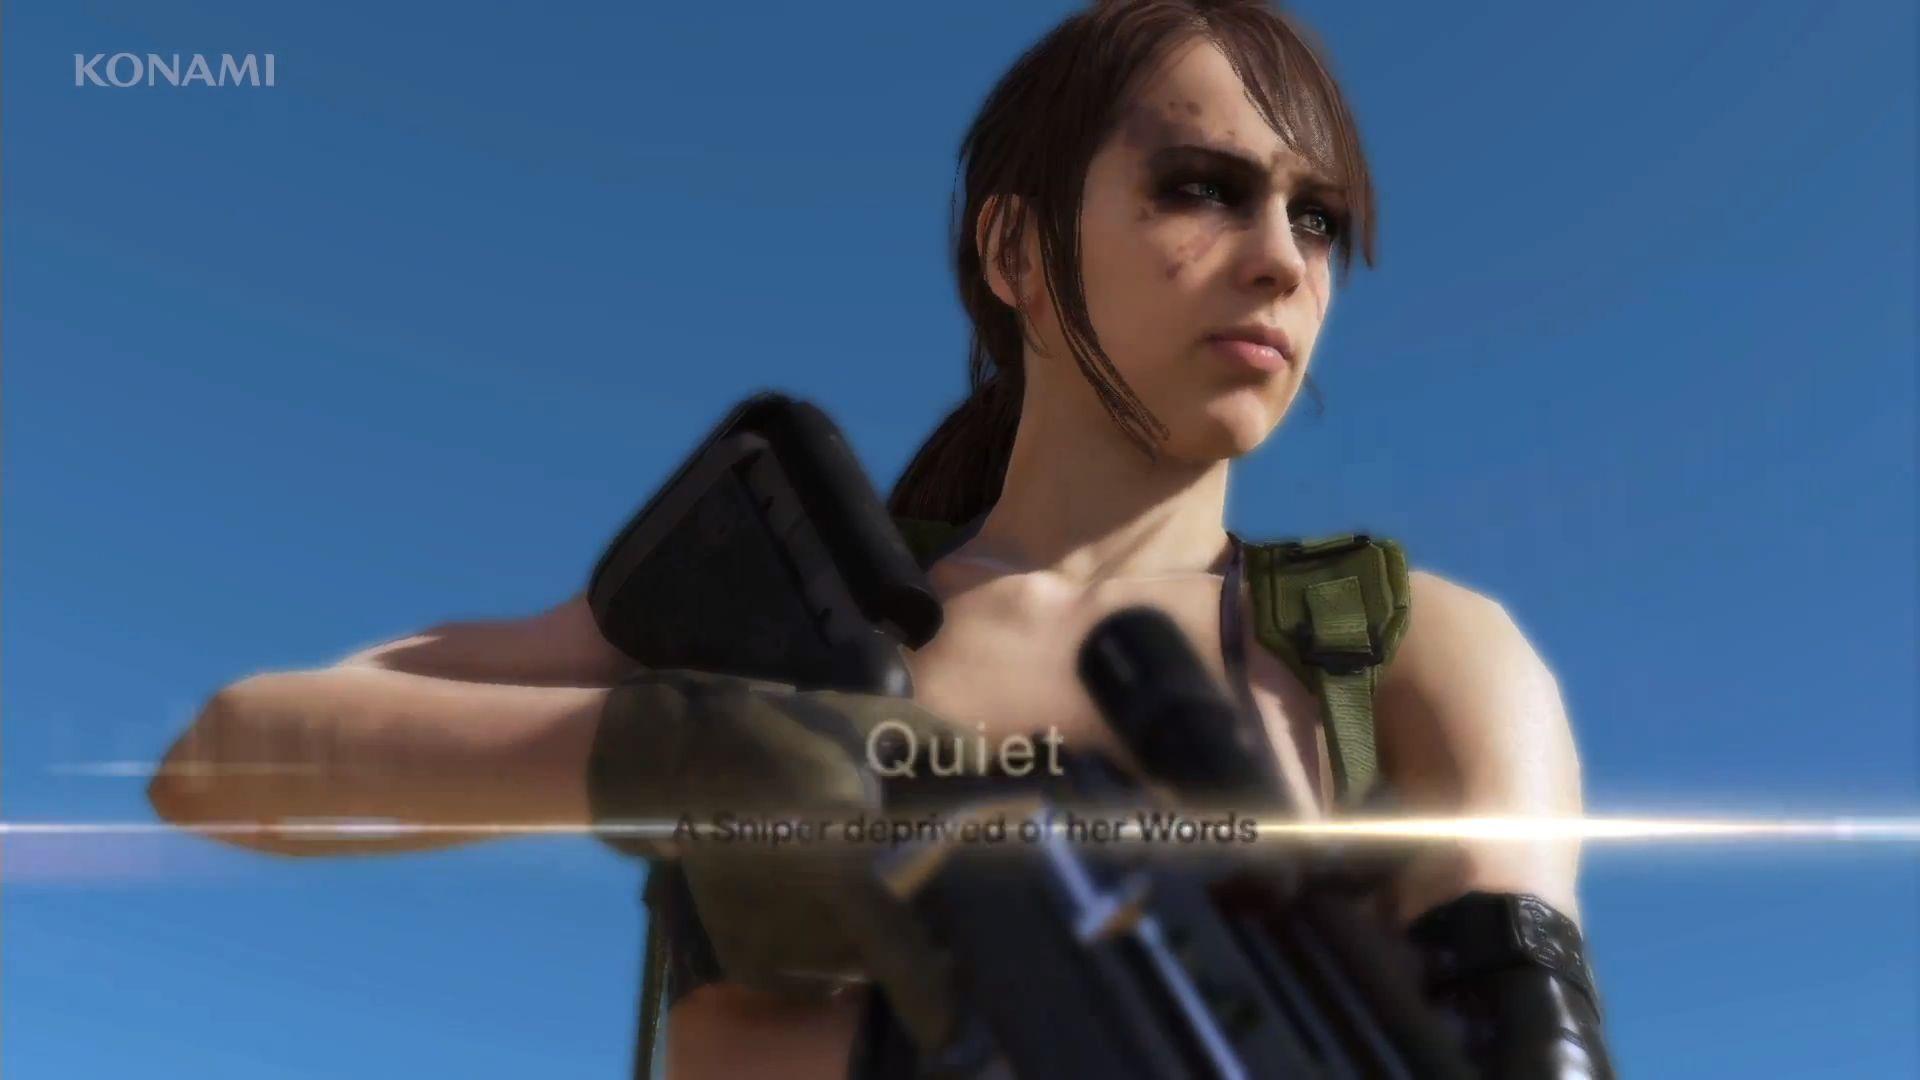 Quiet La Francotiradora De Metal Gear Solid V Tendrá Una